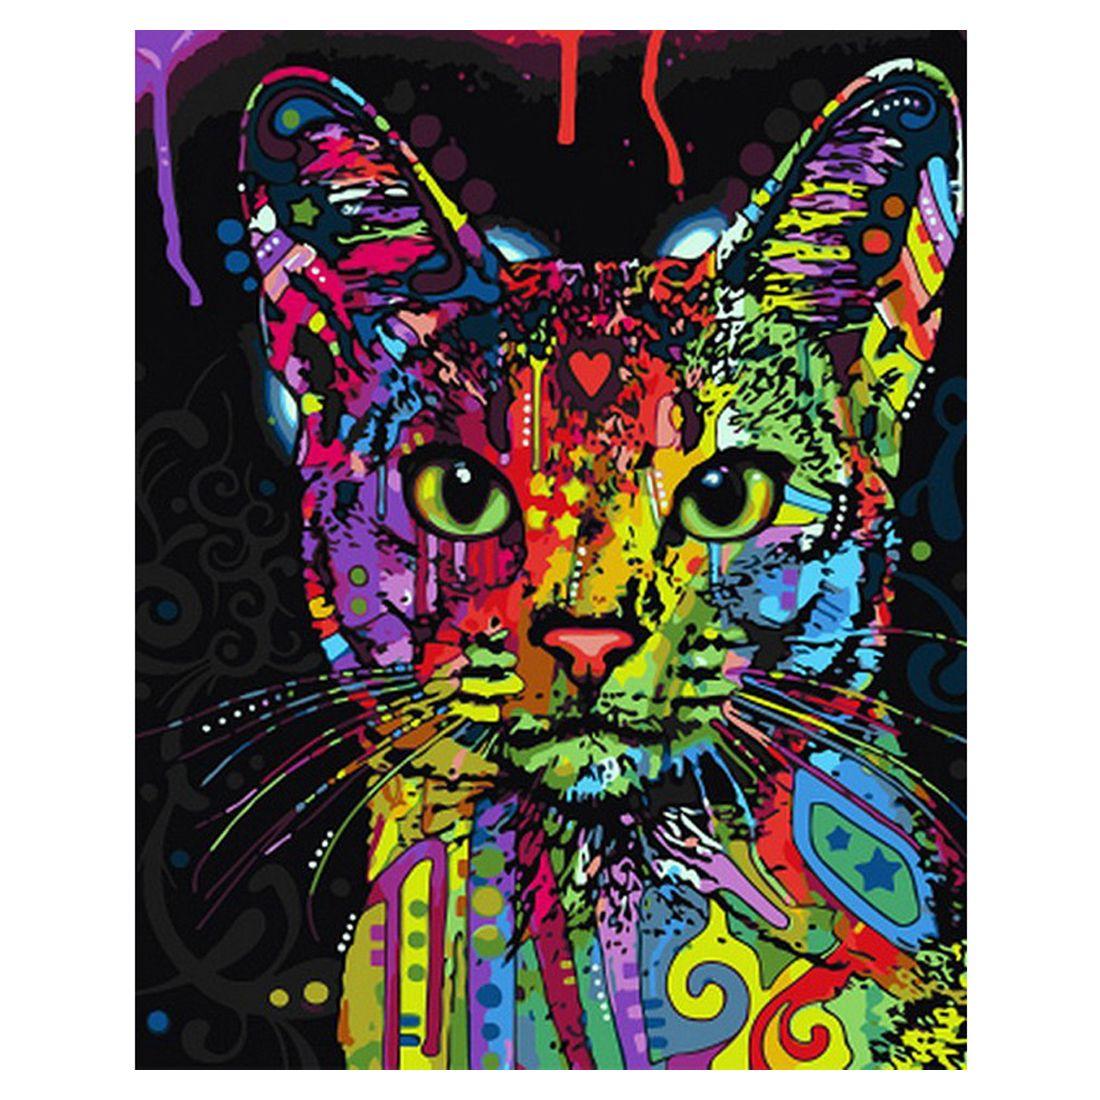 Malen Nach Zahlen Ungerahmt Gerahmte Leinwand Katze Tier Diy Digitales ölgemälde Kit Für Erwachsene Anfänger